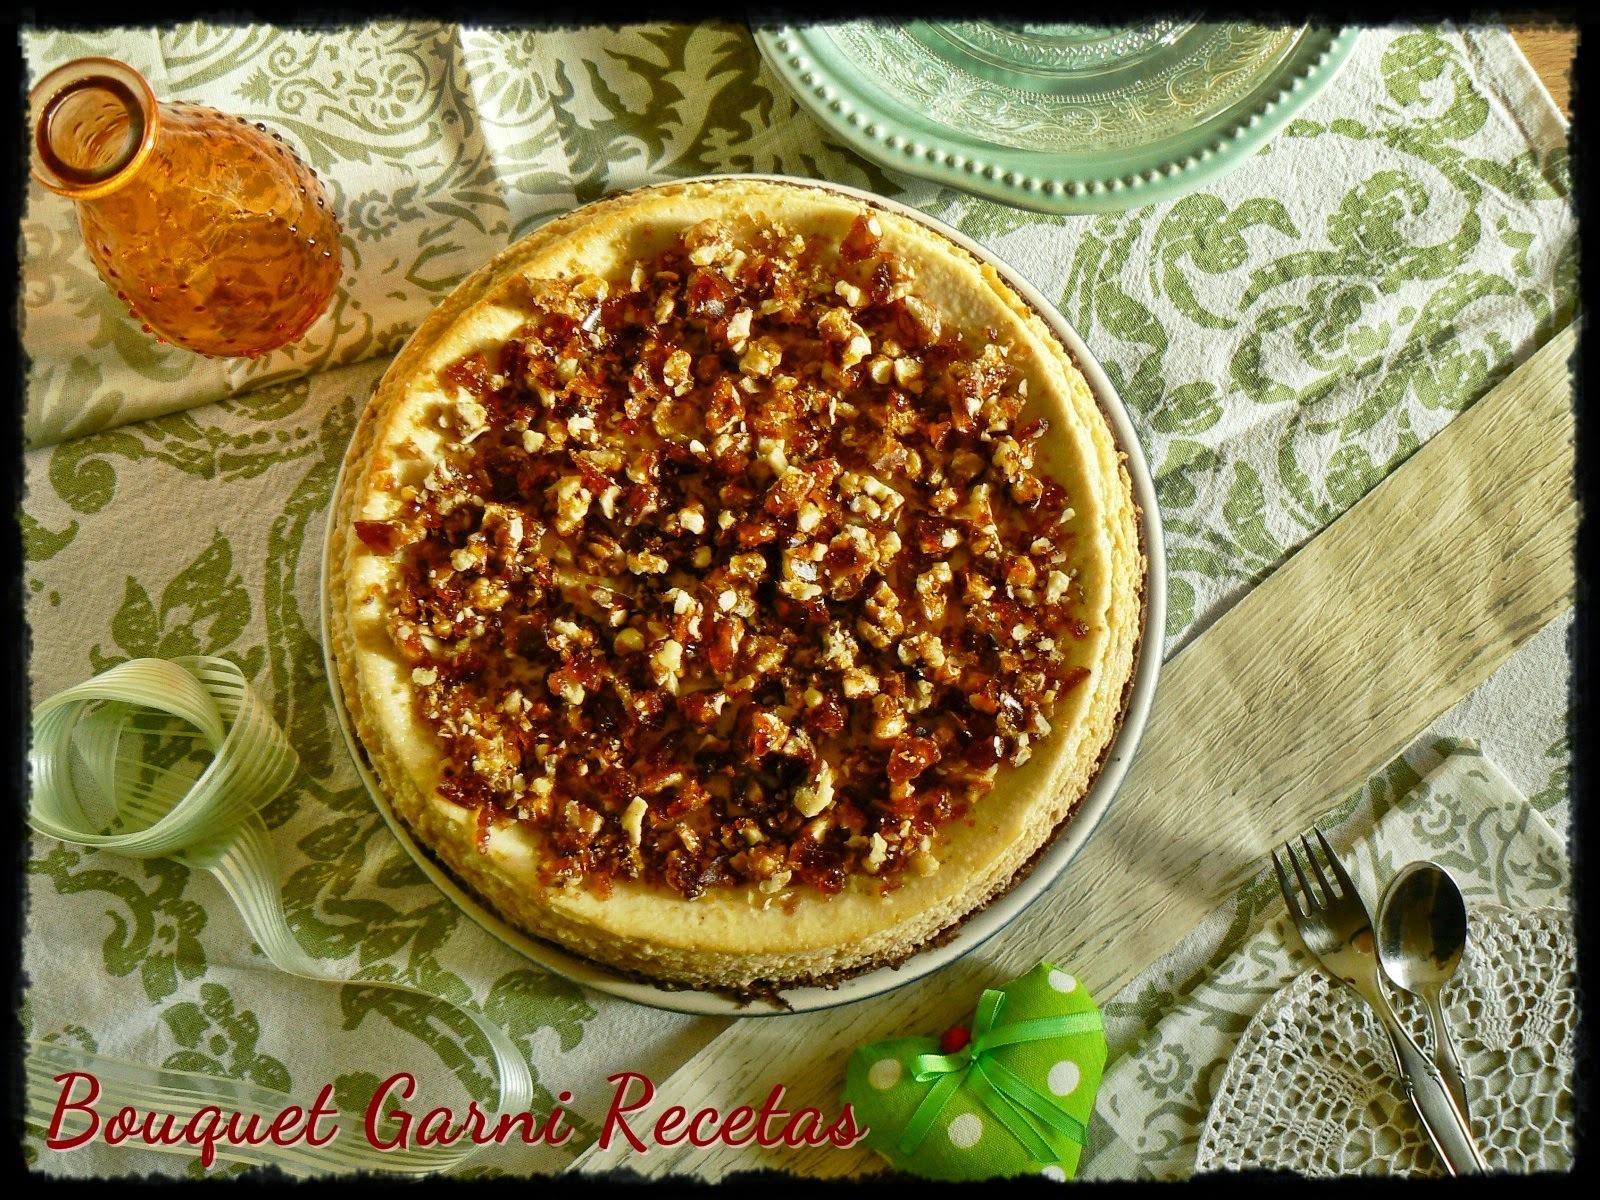 Cheesecake de peras con crocante de nueces (y dos agradecimientos)